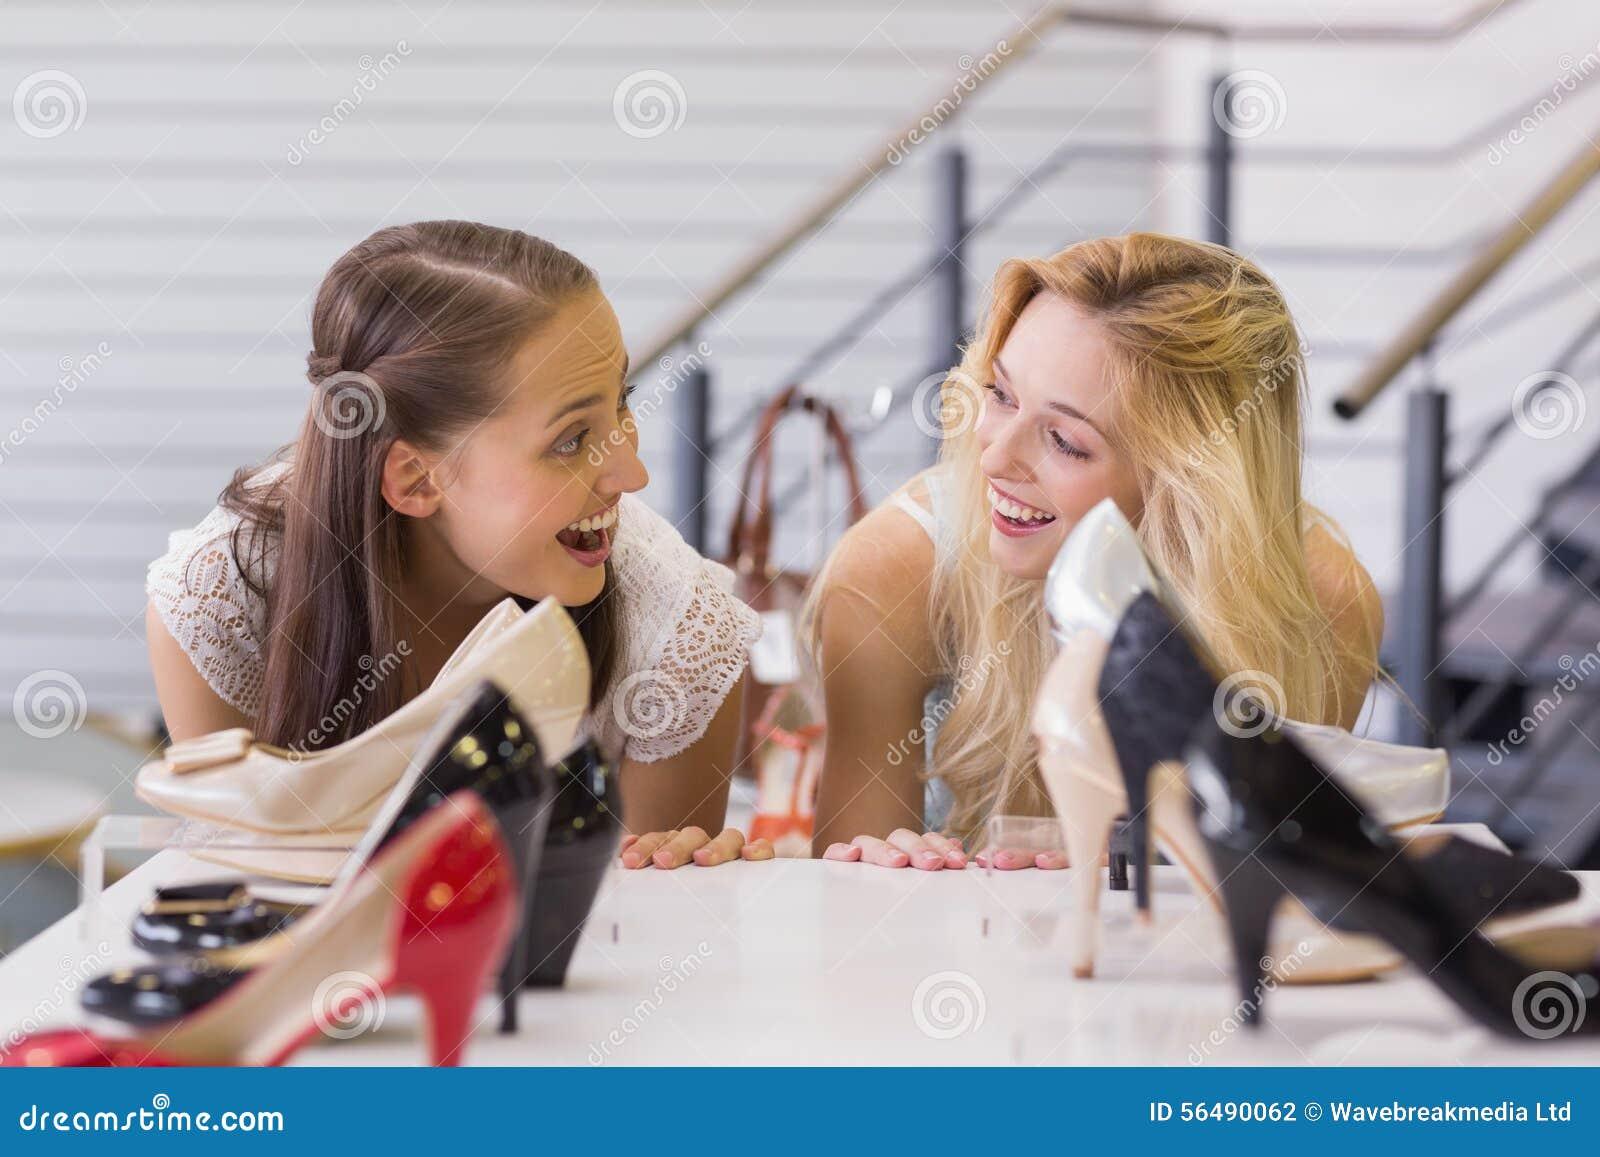 Deux femmes enthousiastes regardant des chaussures de talon